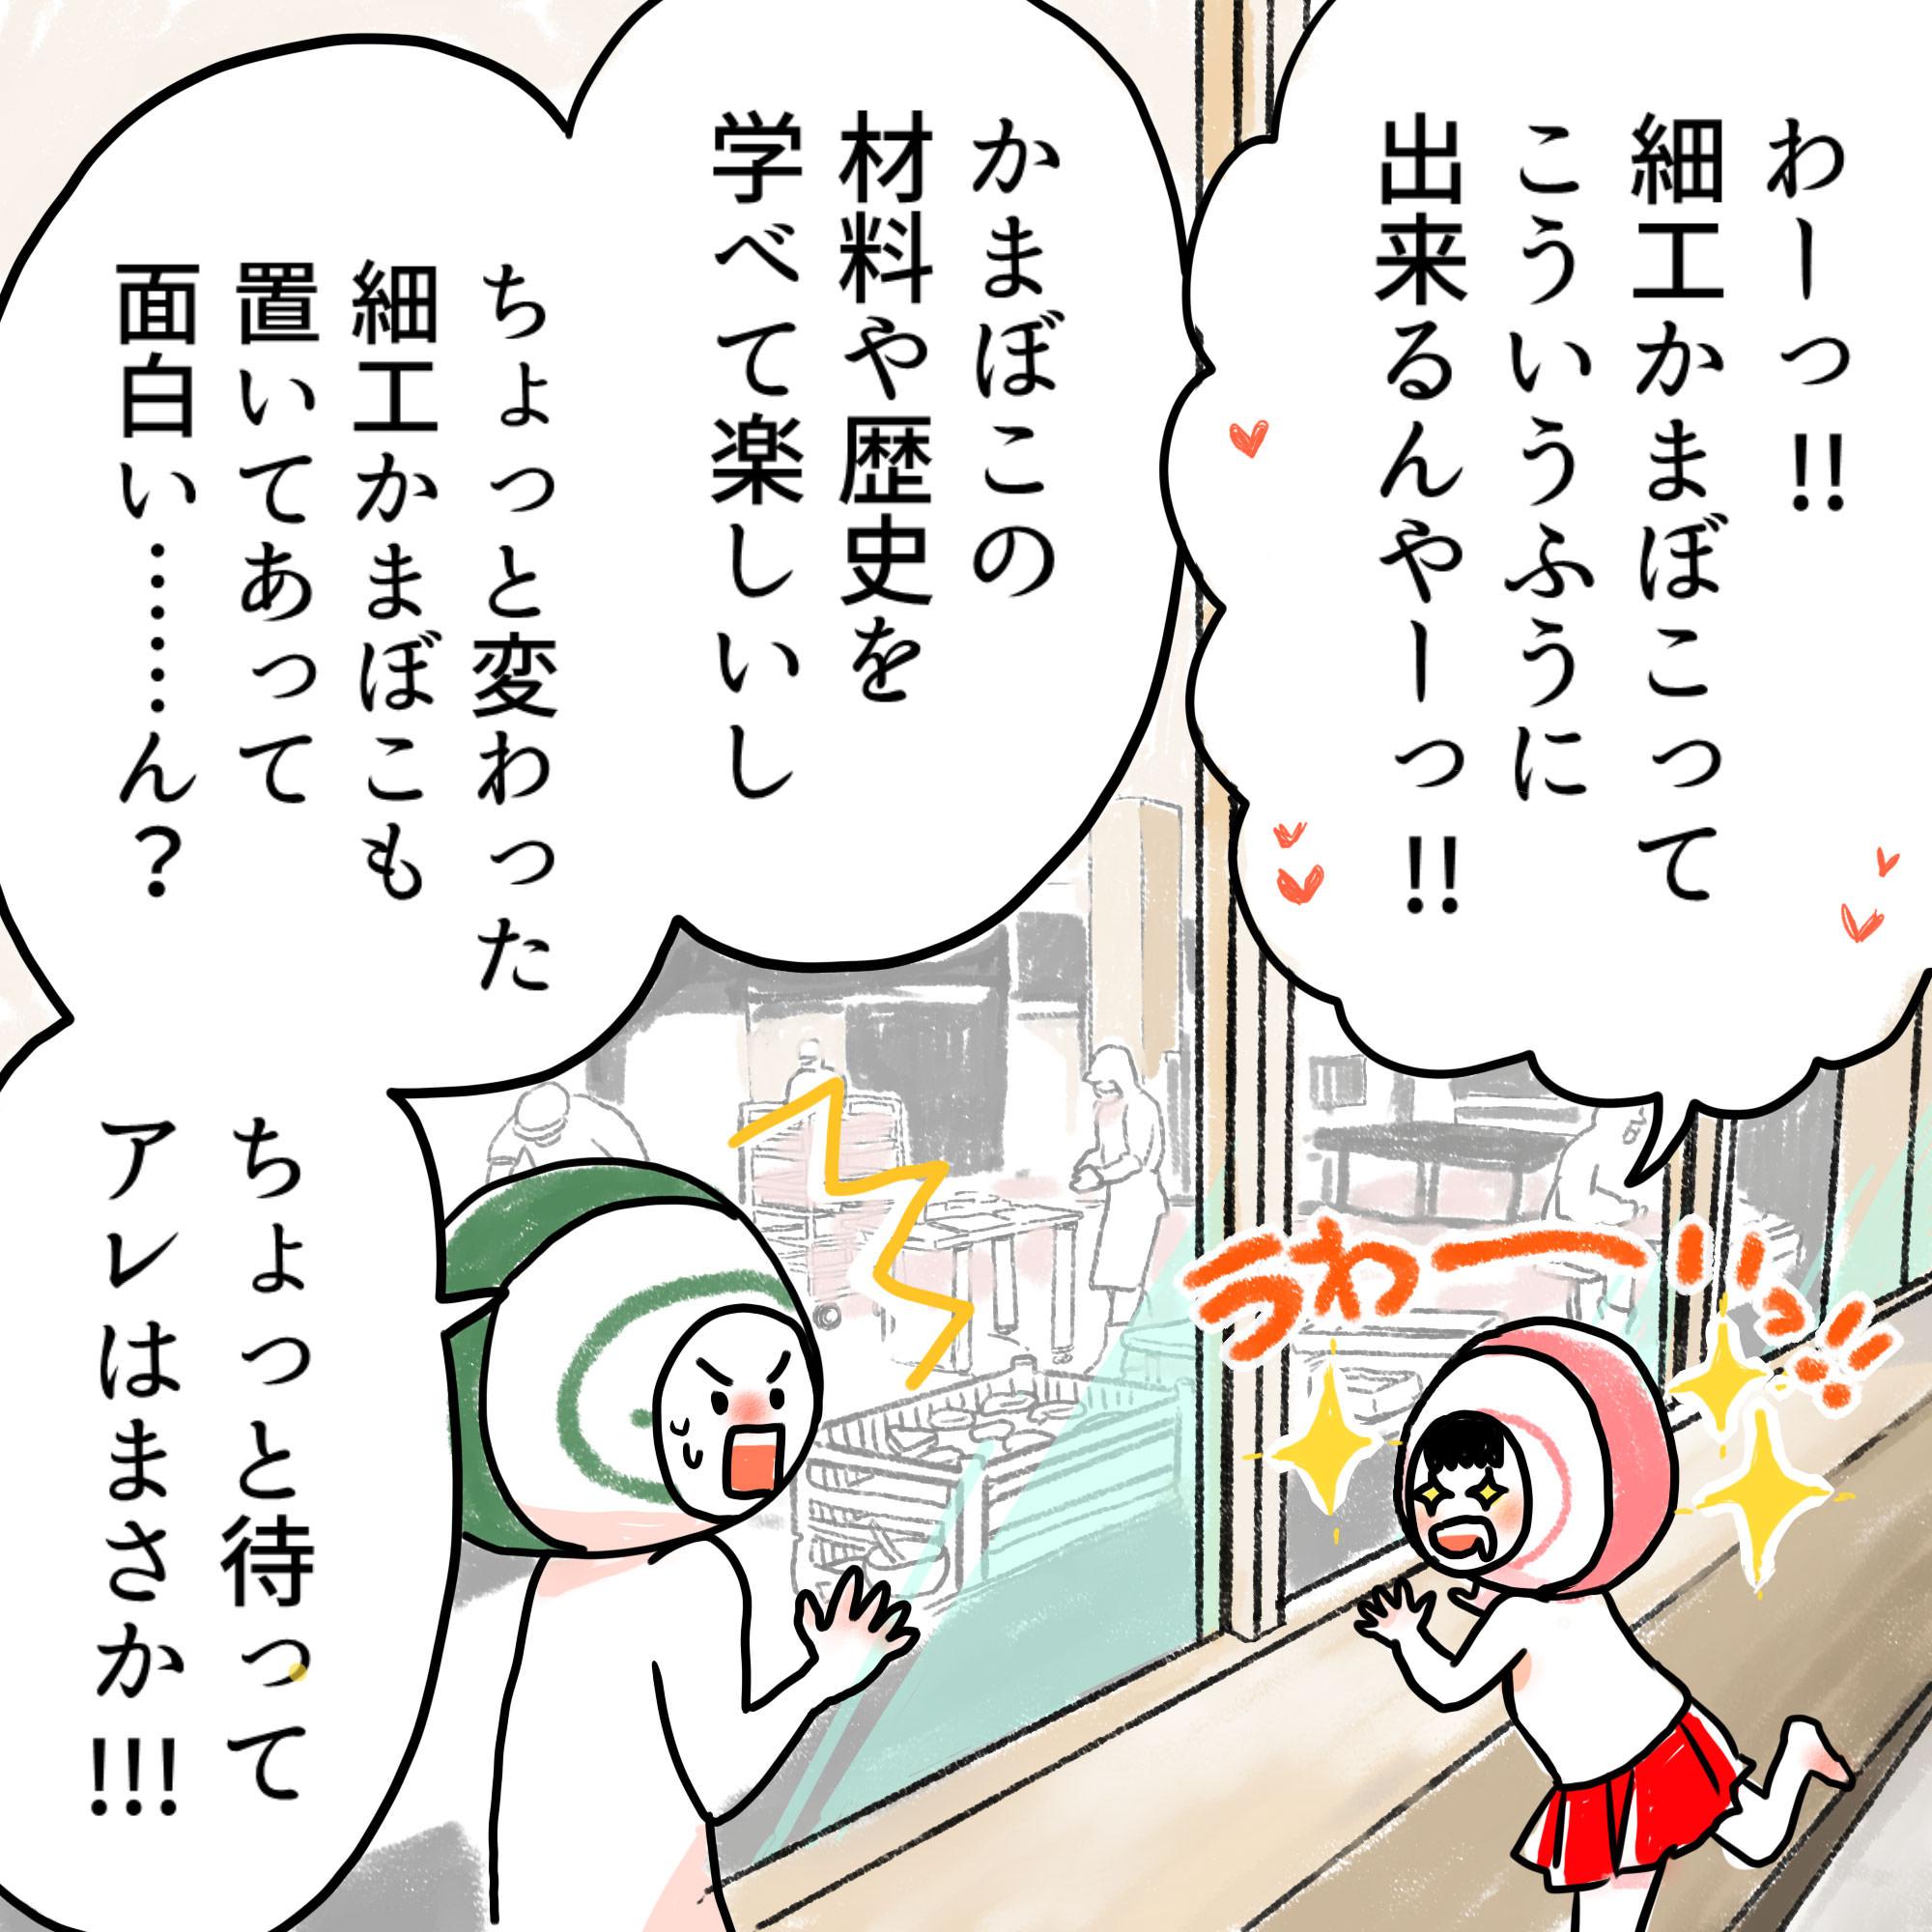 ウメカマンガ 3つるぎ目 富山の工場見学ならU-mei館!体験 試食 展示 お子様に人気のアレも!